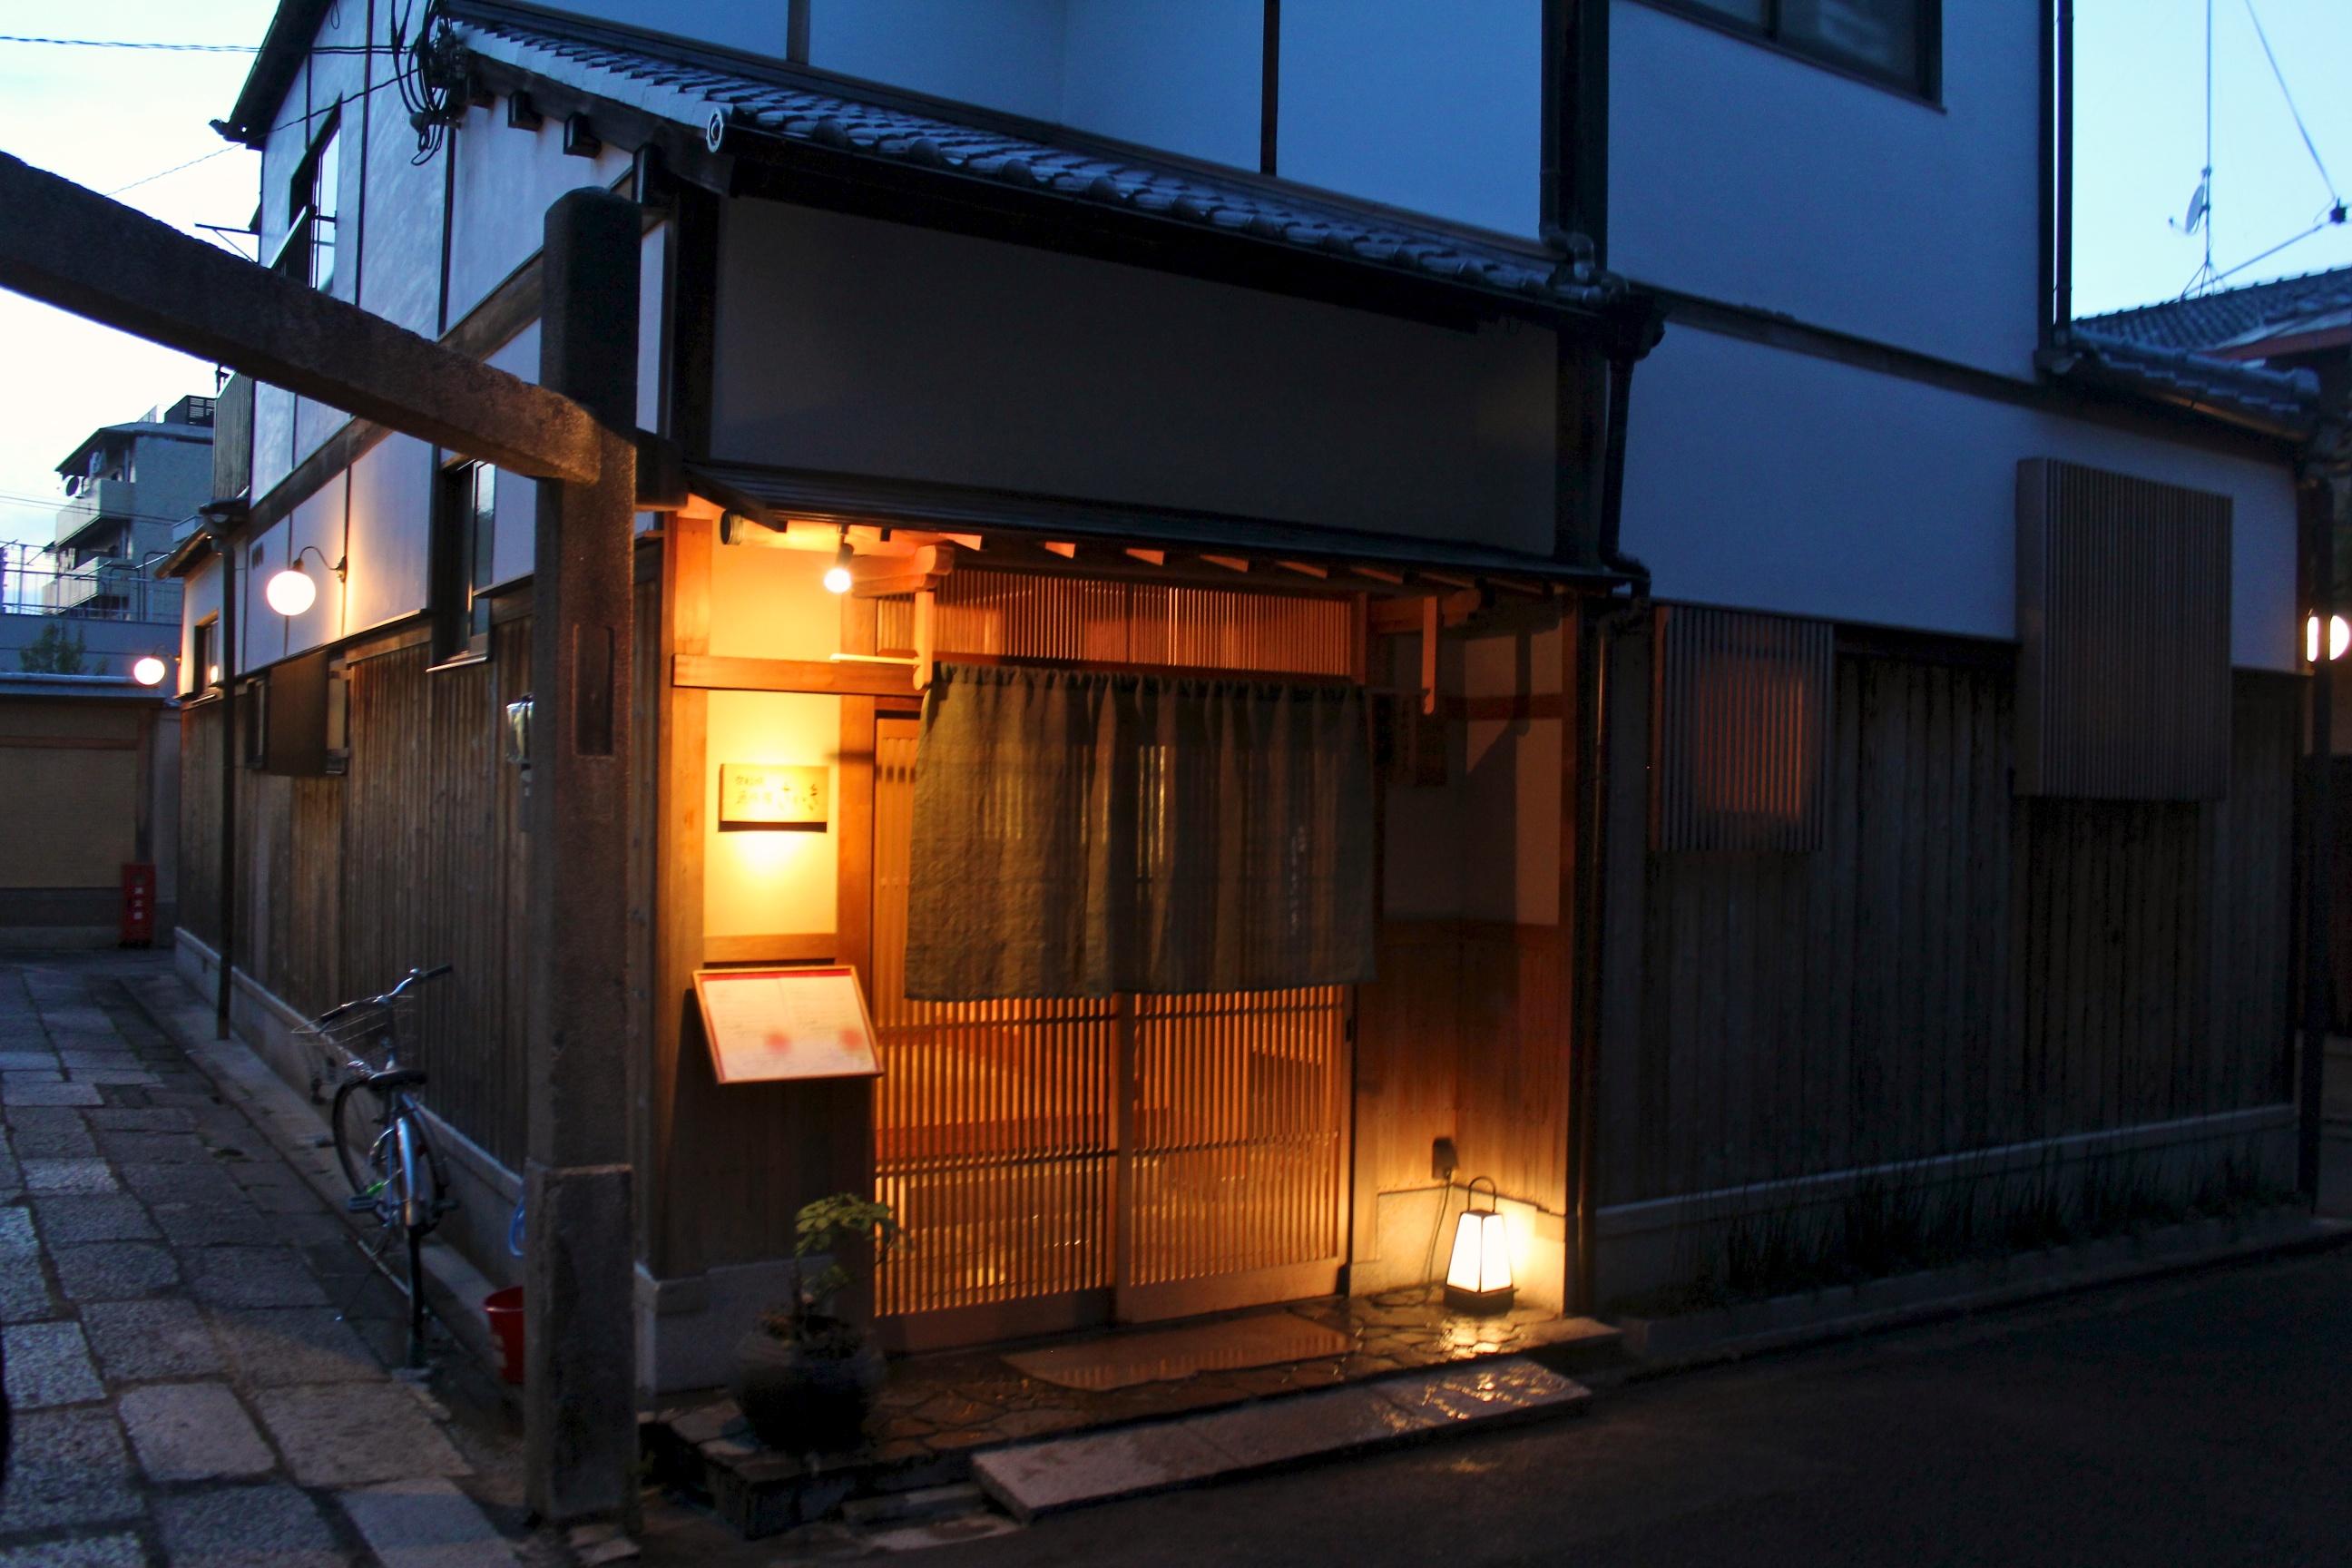 Pallier d'une maison traditionnelle japonaise à kyoto